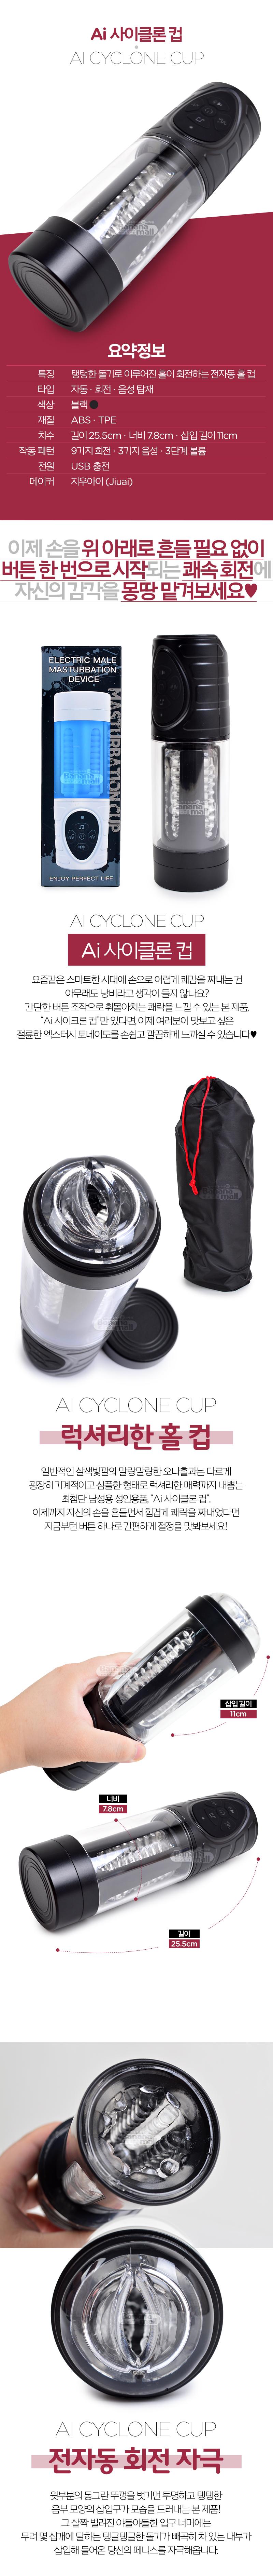 [9단 회전] Ai 사이클론 컵(Ai Cyclone Cup)